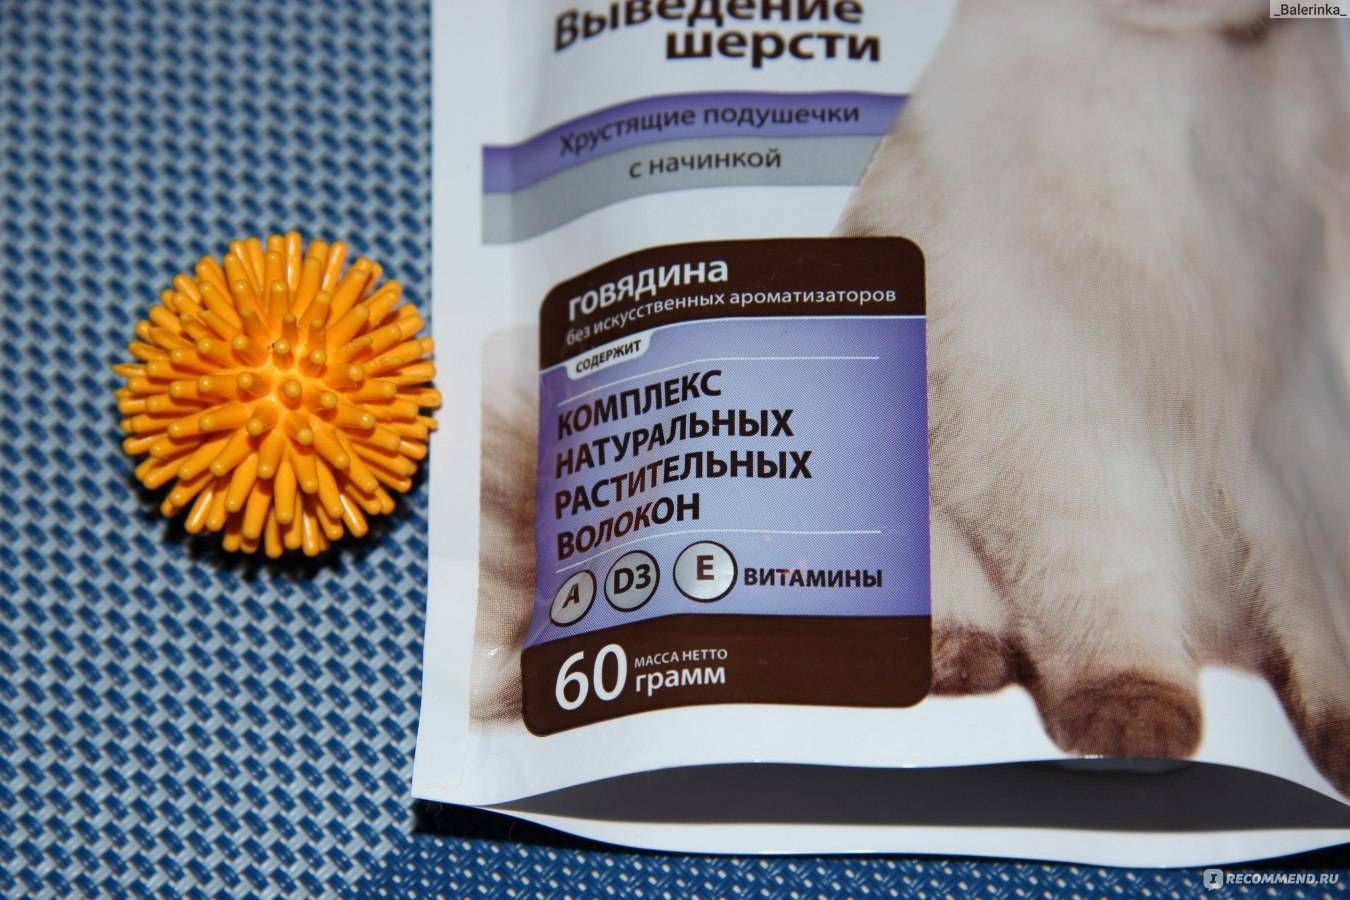 Корма для выведения шерсти из желудка — как помочь кошке справиться со своей шубкой